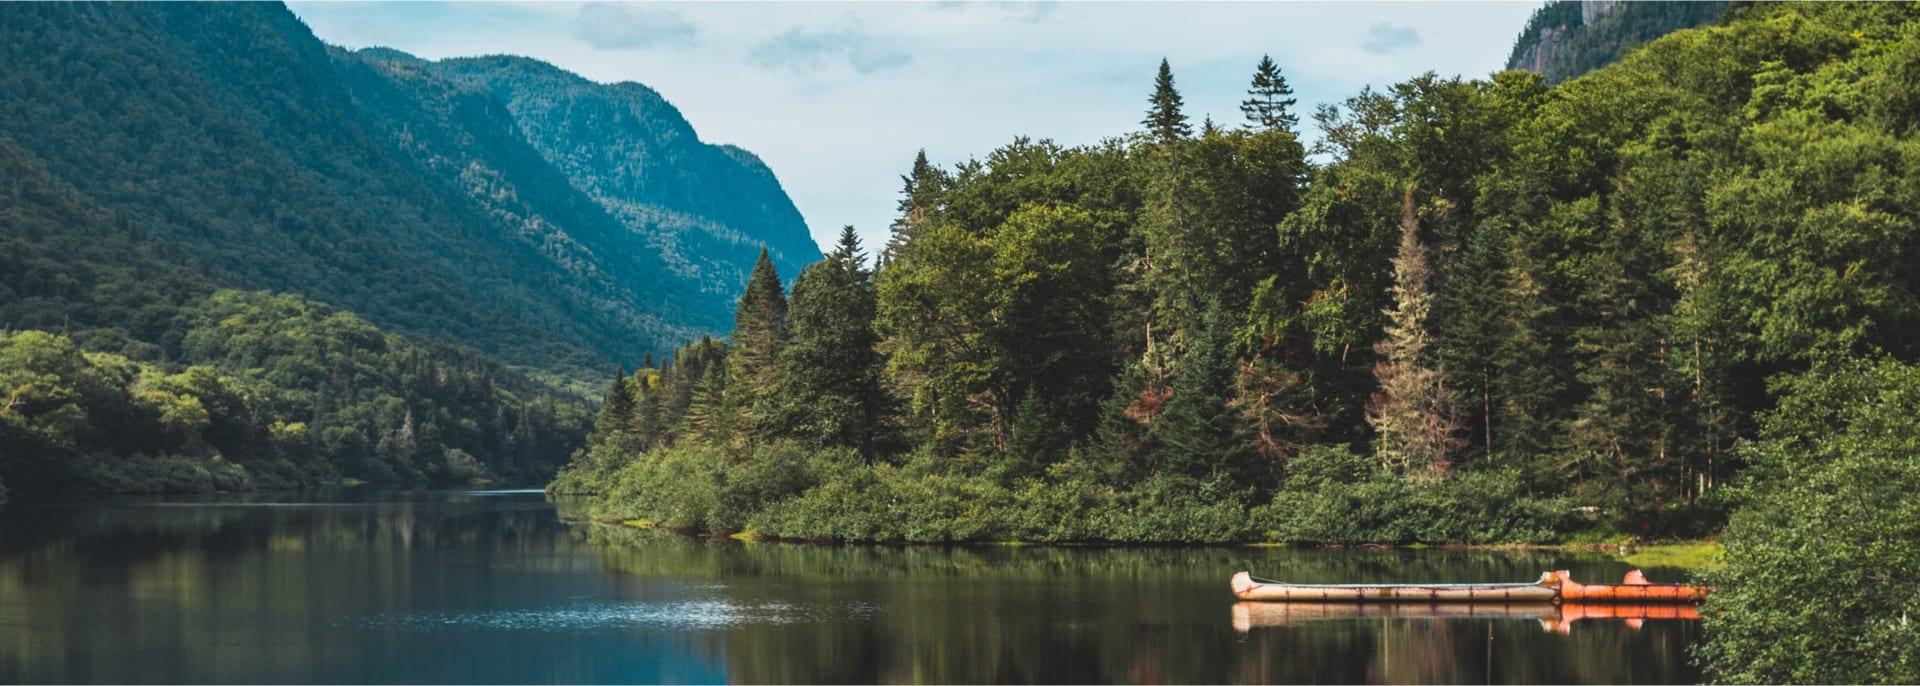 Jacques Cartier National Park, Quebec, Canada